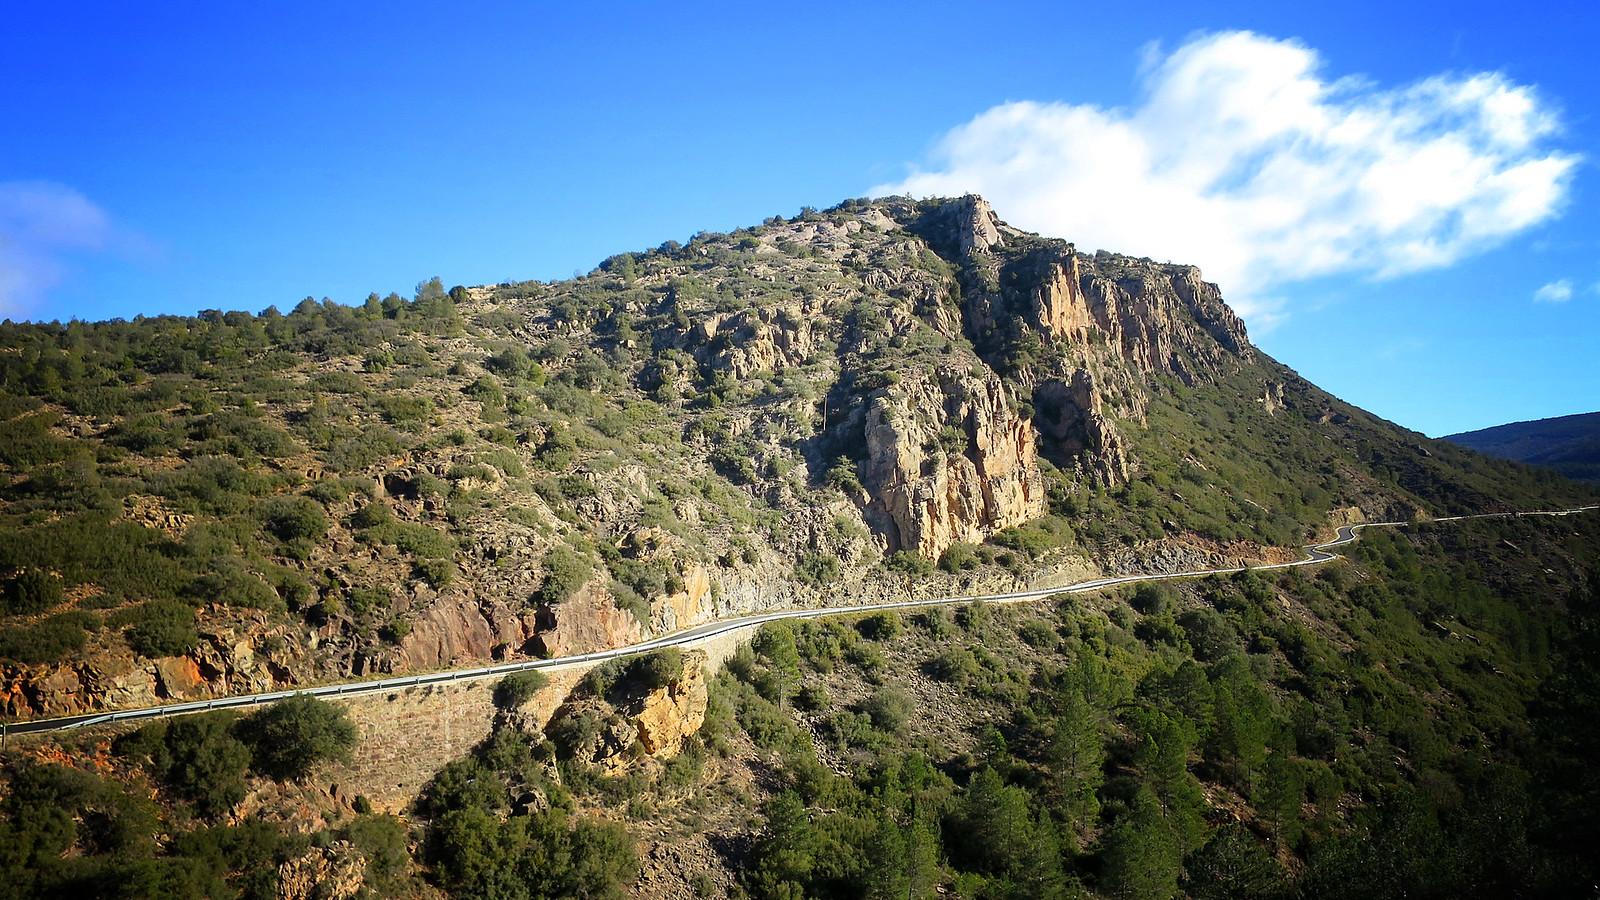 Llordà - Castell de Llordà - Siall - Mare de Déu de la Posa - Parc Cretaci